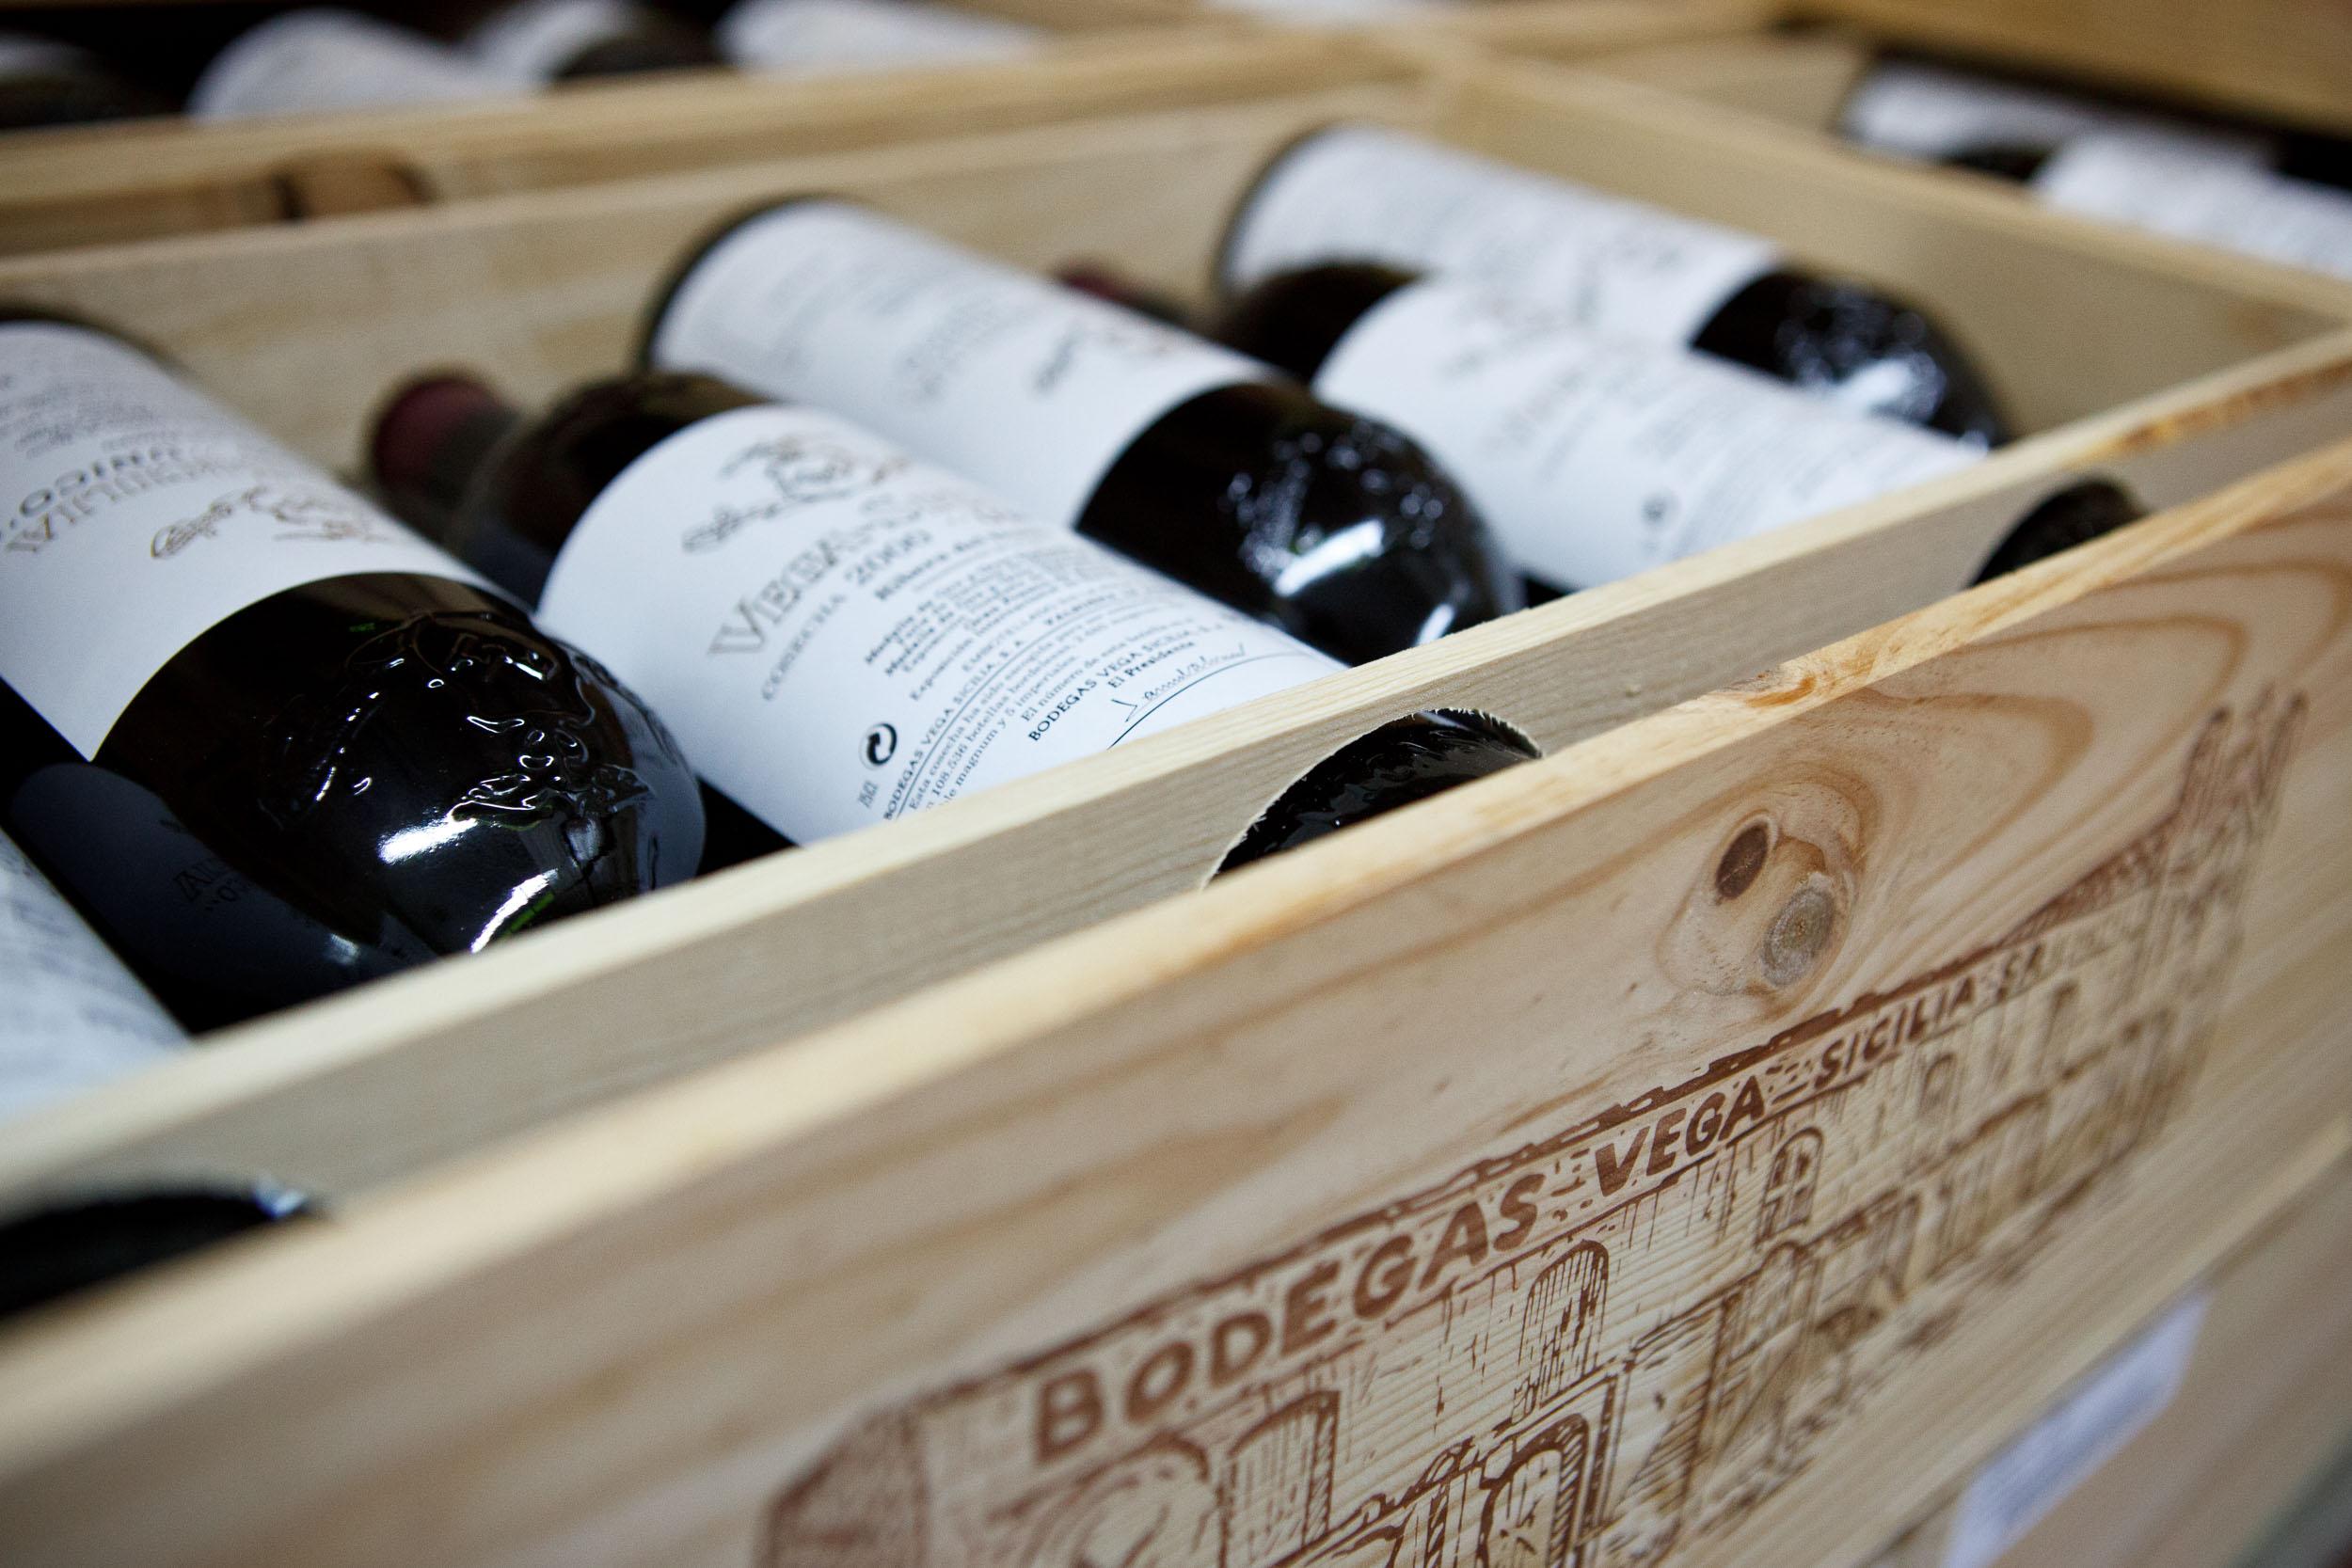 16/2/12 Vega Sicilia Winery, Valbuena de Duero, Castilla y Leon, Spain. Photos by James Sturcke Fotografía | www.sturcke.org